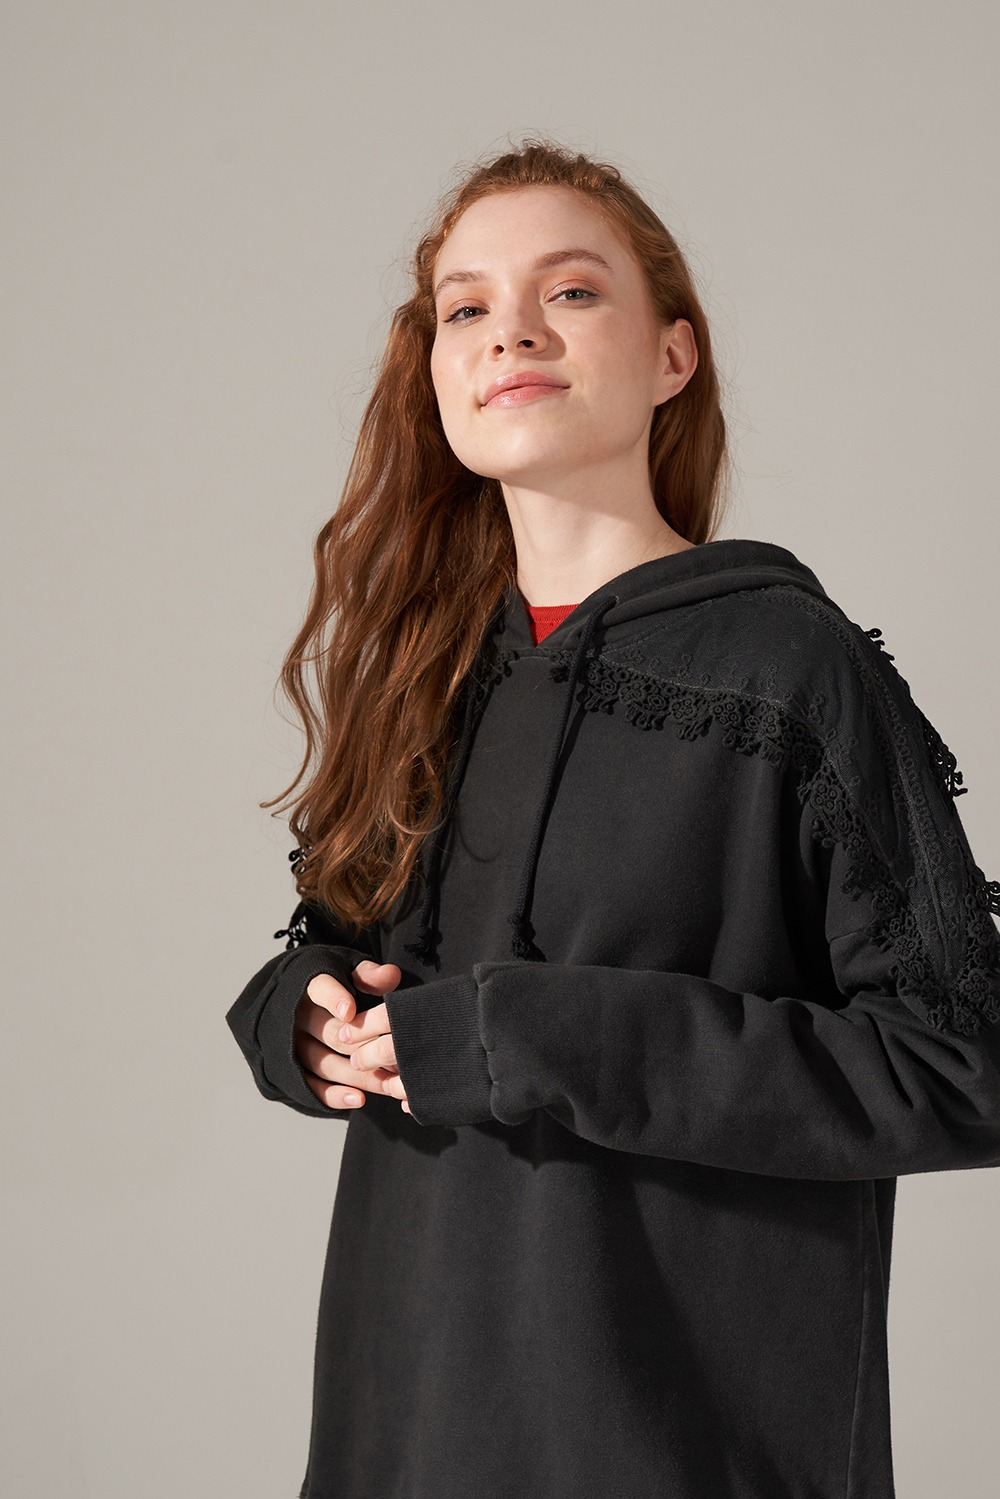 Dantel Özel Yıkama Siyah Sweatshirt